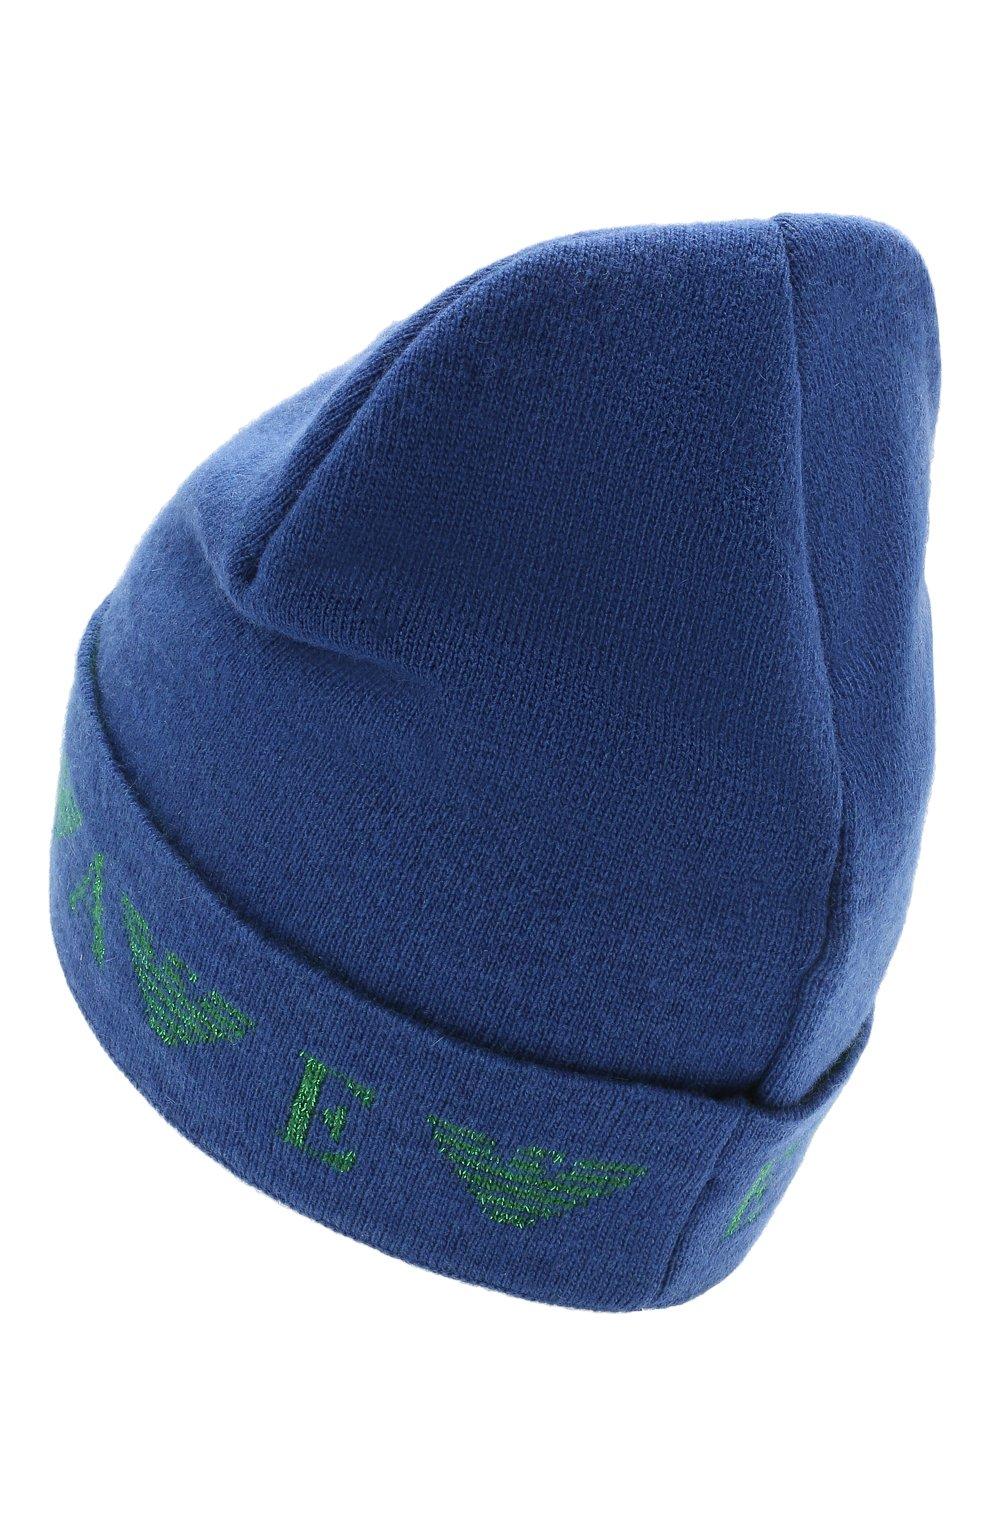 Детского шапка EMPORIO ARMANI синего цвета, арт. 394614/1A761   Фото 2 (Материал: Текстиль, Шерсть, Вискоза, Синтетический материал)